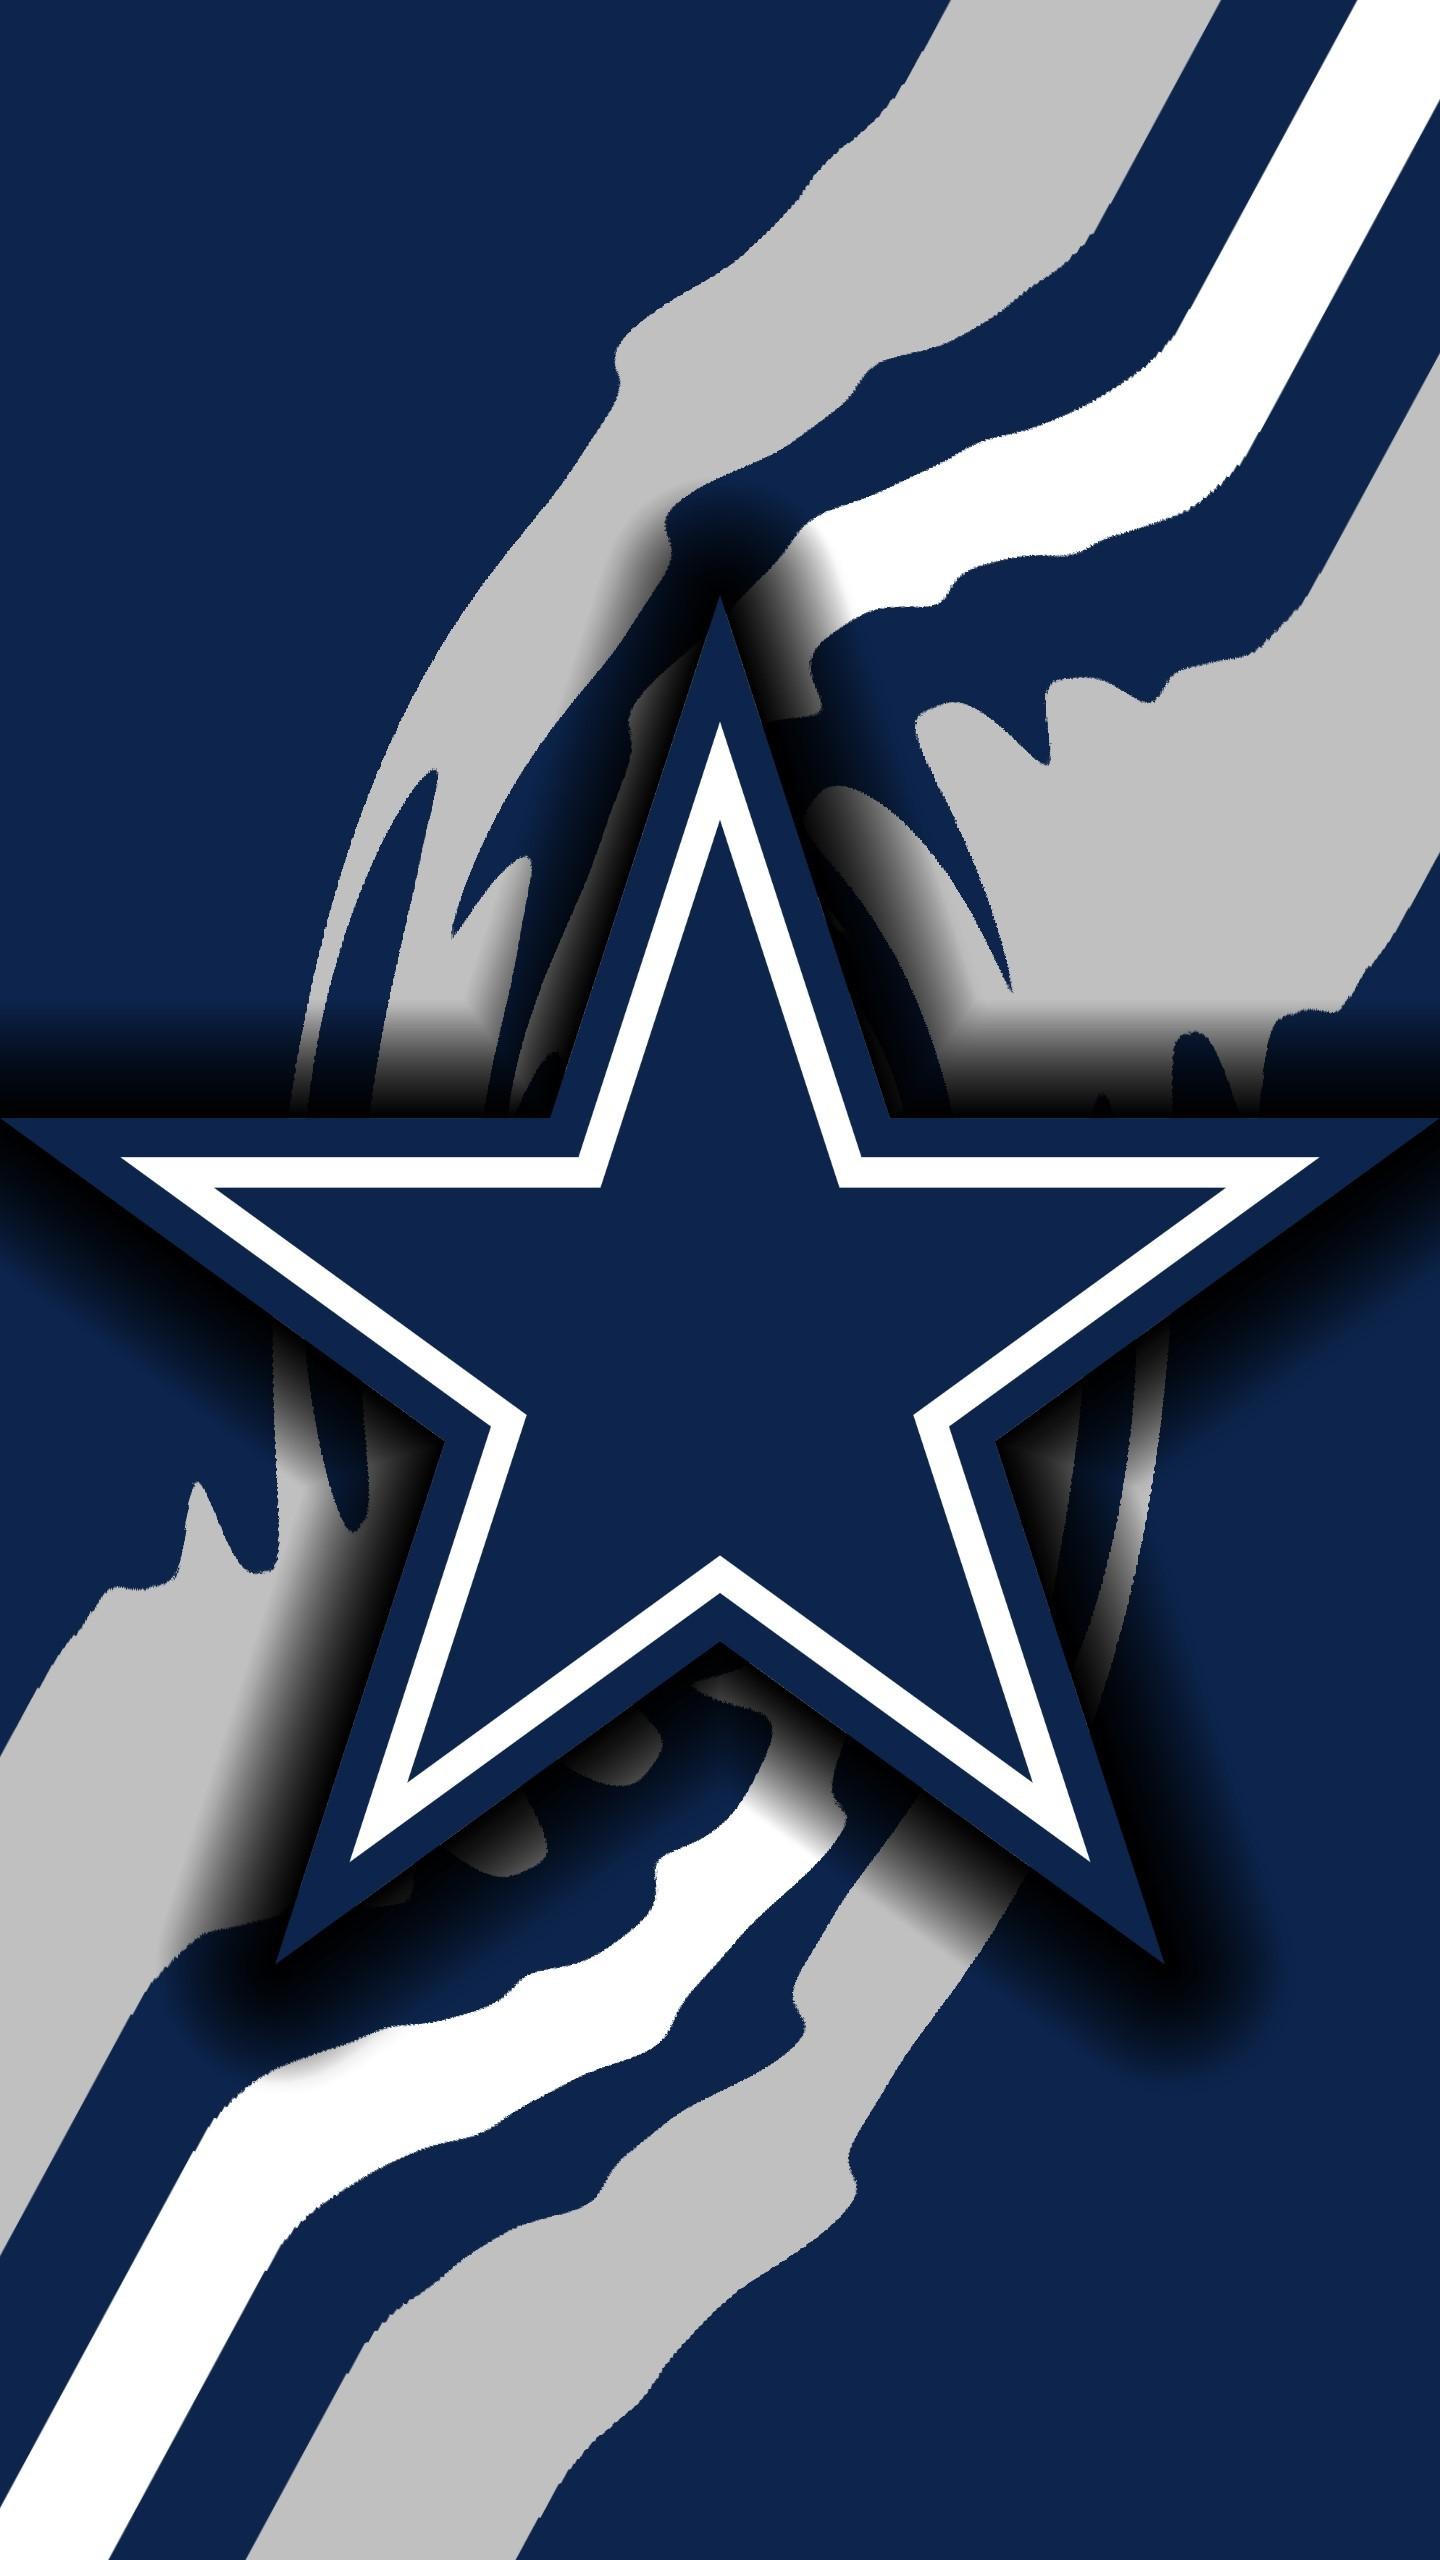 Dallas Cowboys Computer Wallpaper - Dallas Cowboys Wallpaper Iphone - HD Wallpaper